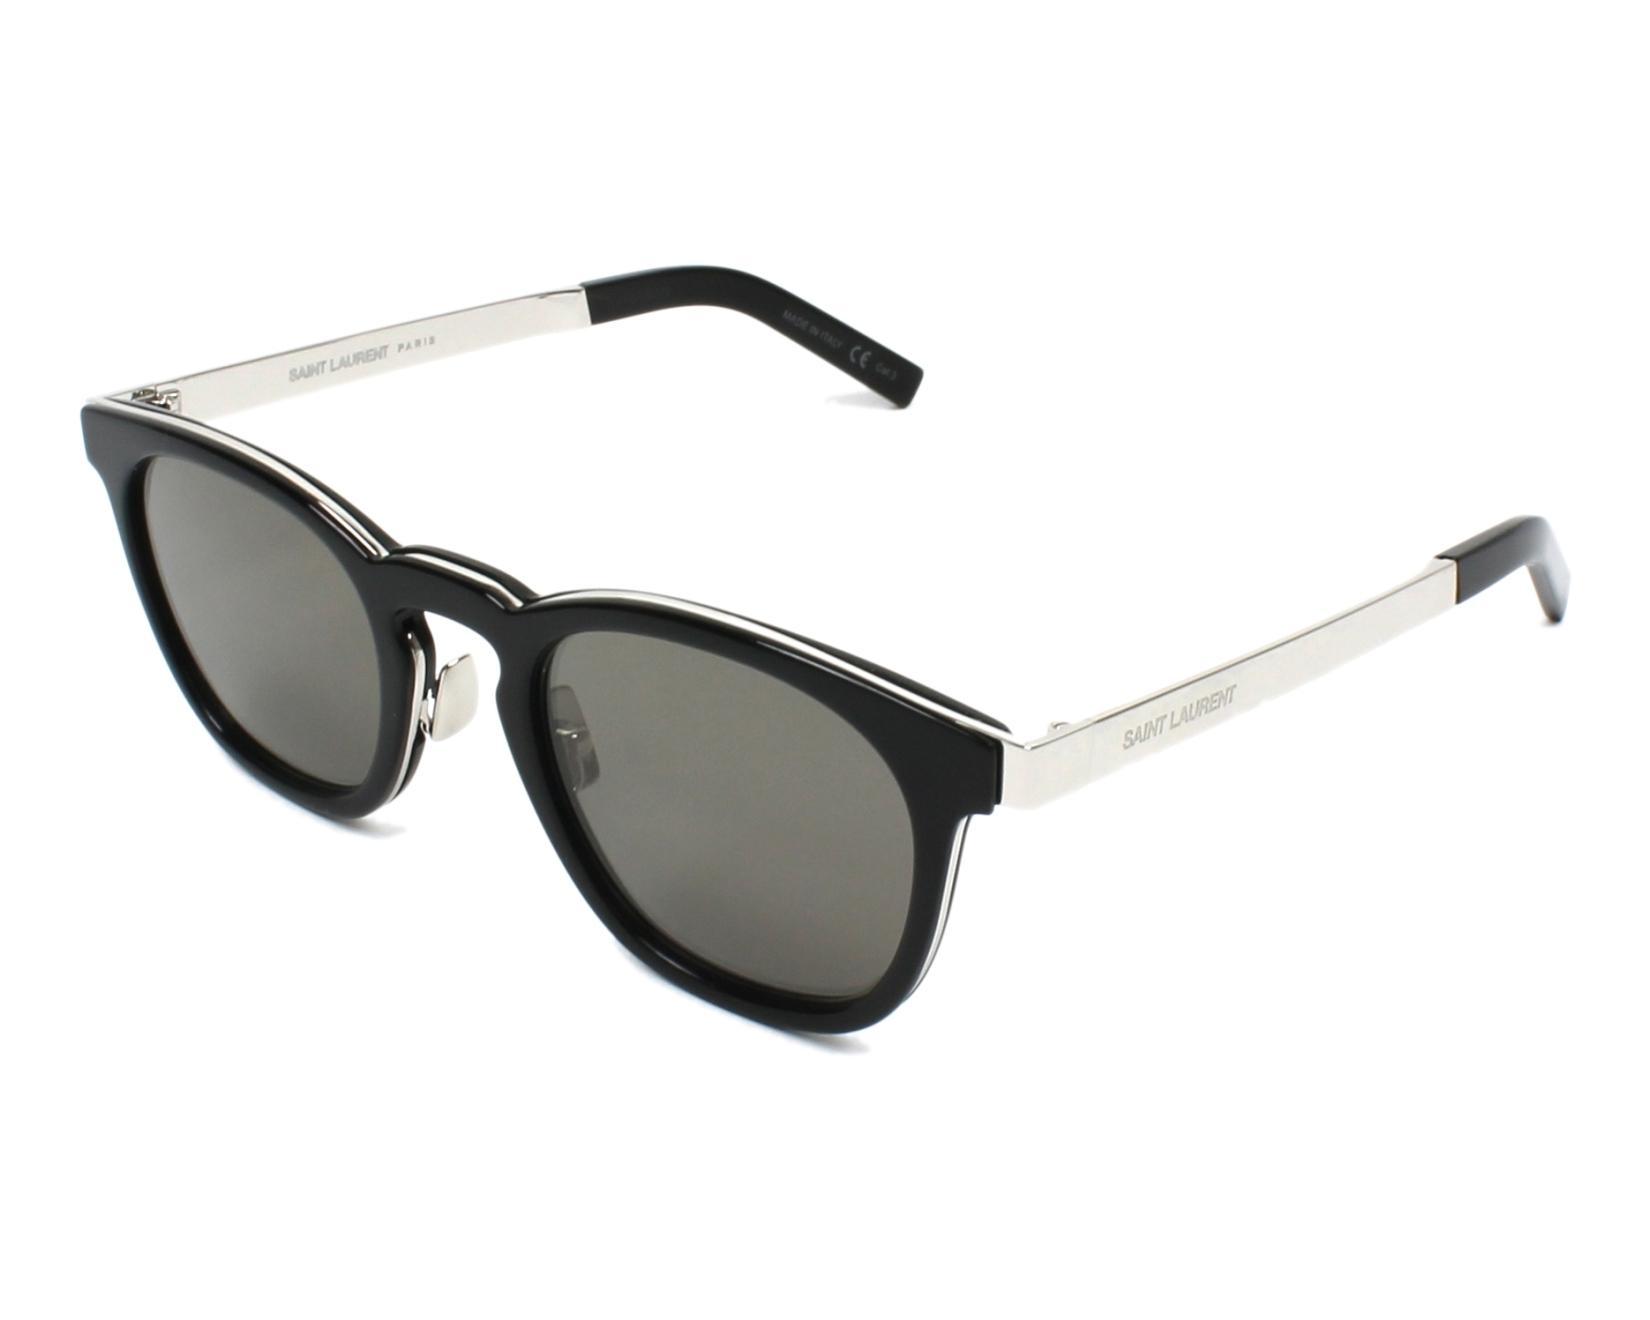 Saint Laurent SL28 Sonnenbrille Schwarz 001 49mm LloFQsAWC